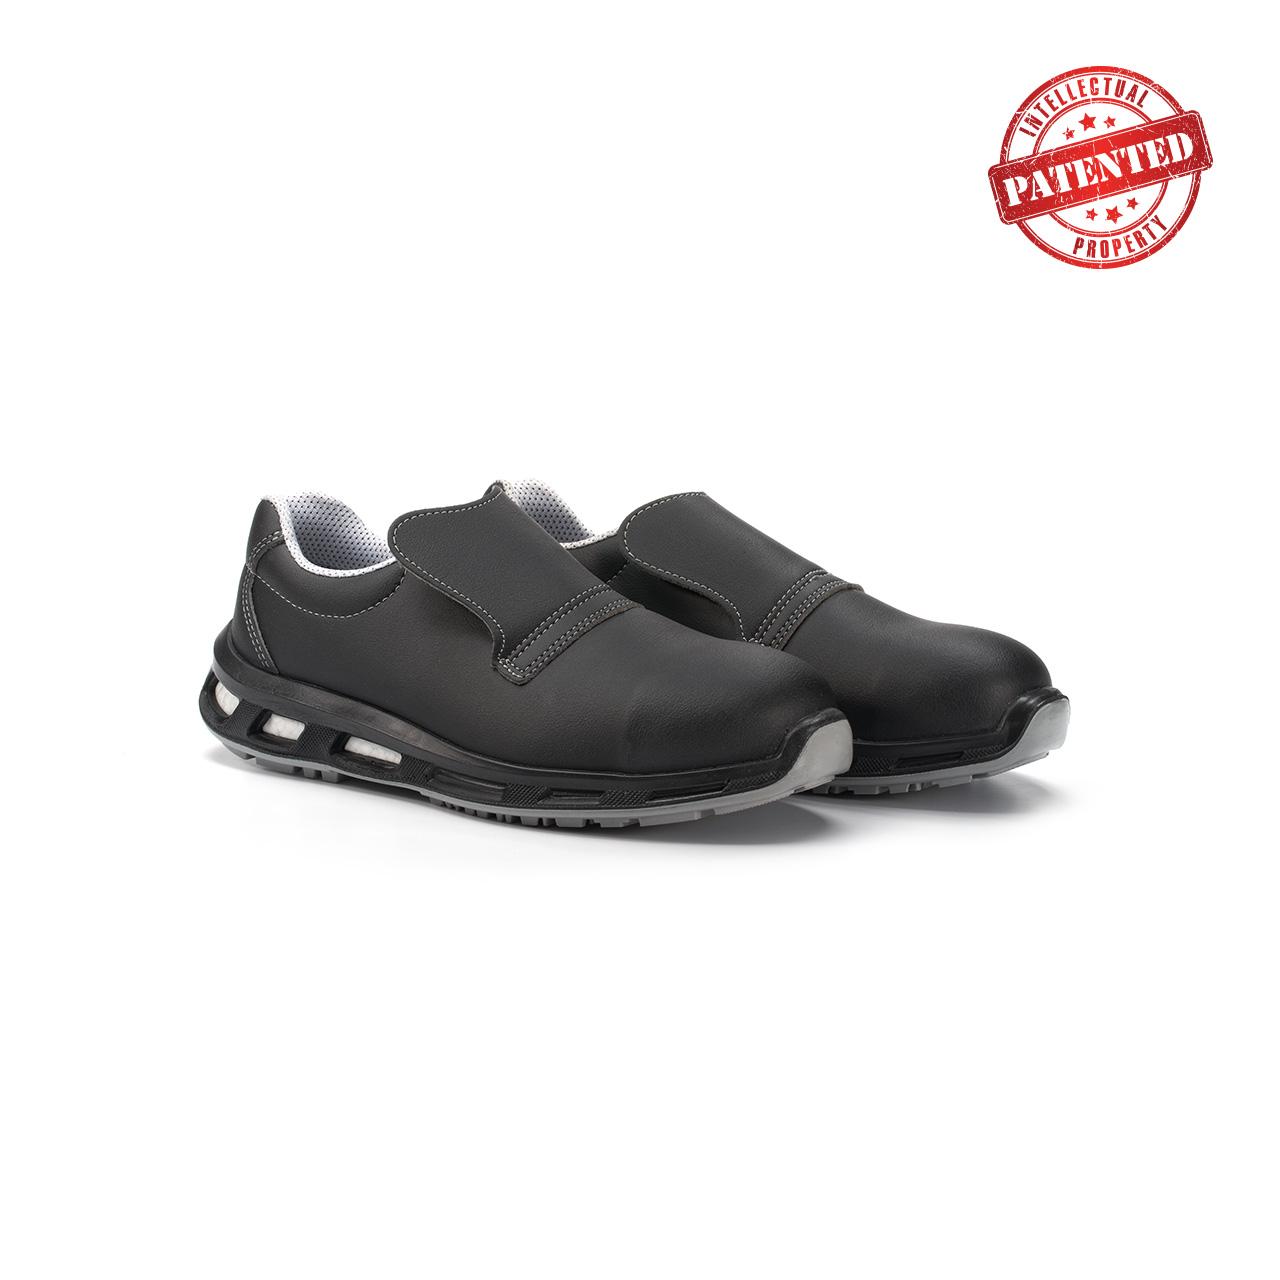 paio di scarpe antinfortunistiche upower modello noir linea redlion vista prospettica